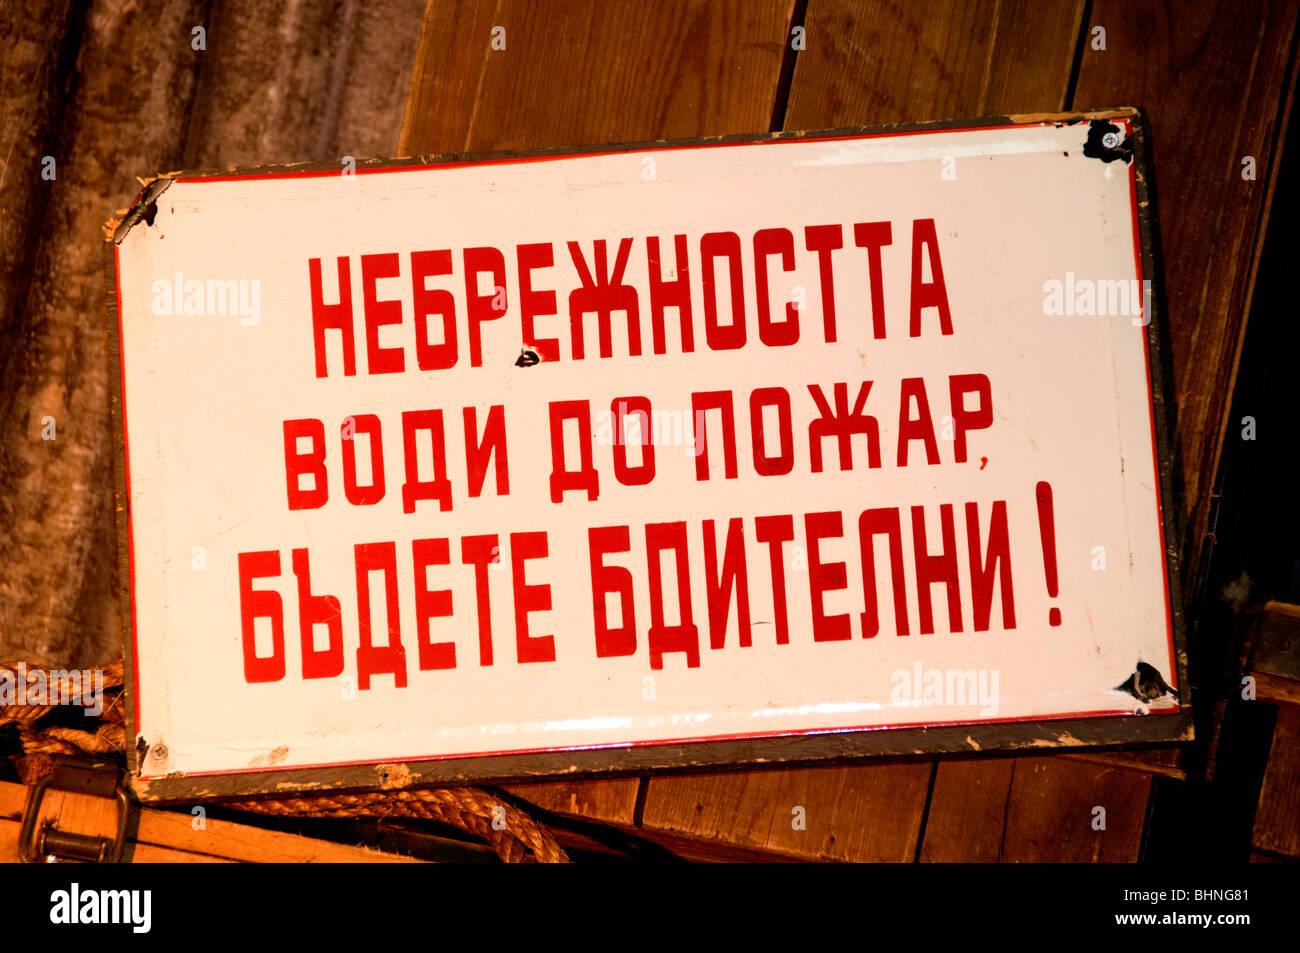 Zeichen der Russland-Russische Föderation-Zeichen-Sprache Stockbild